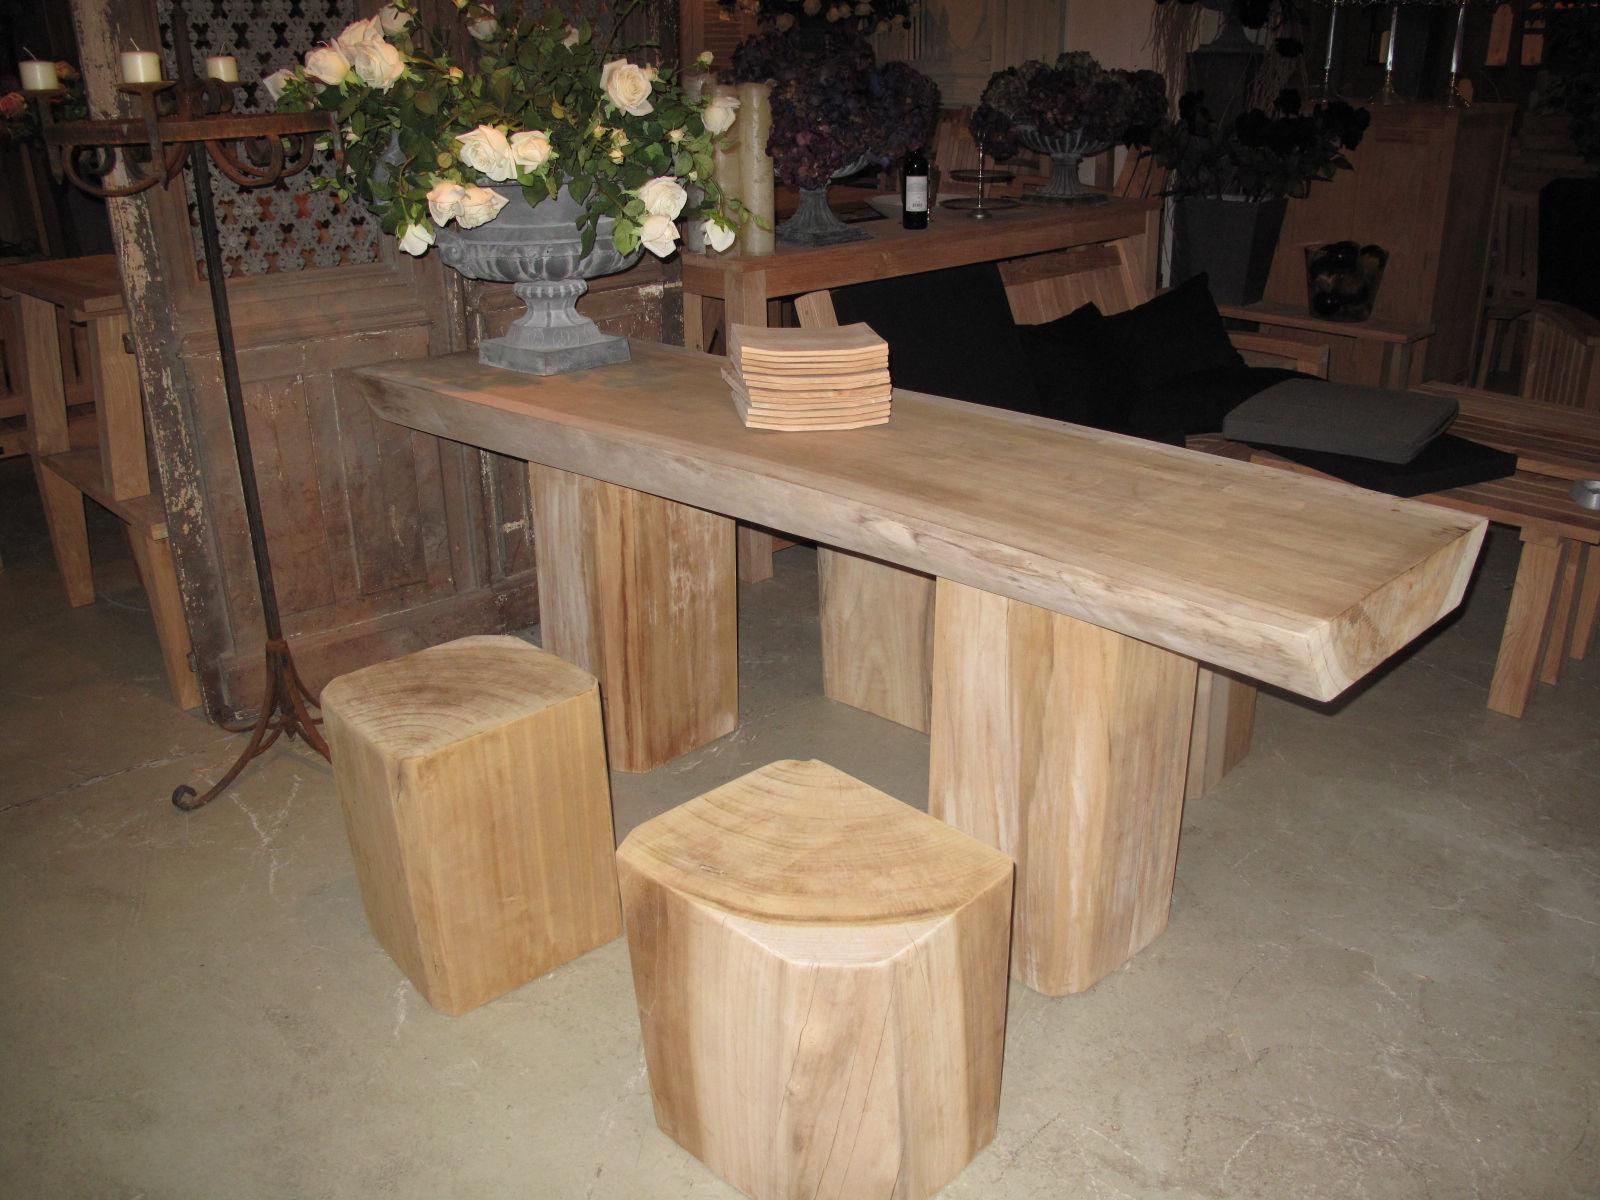 Table primitive | Outlet 1